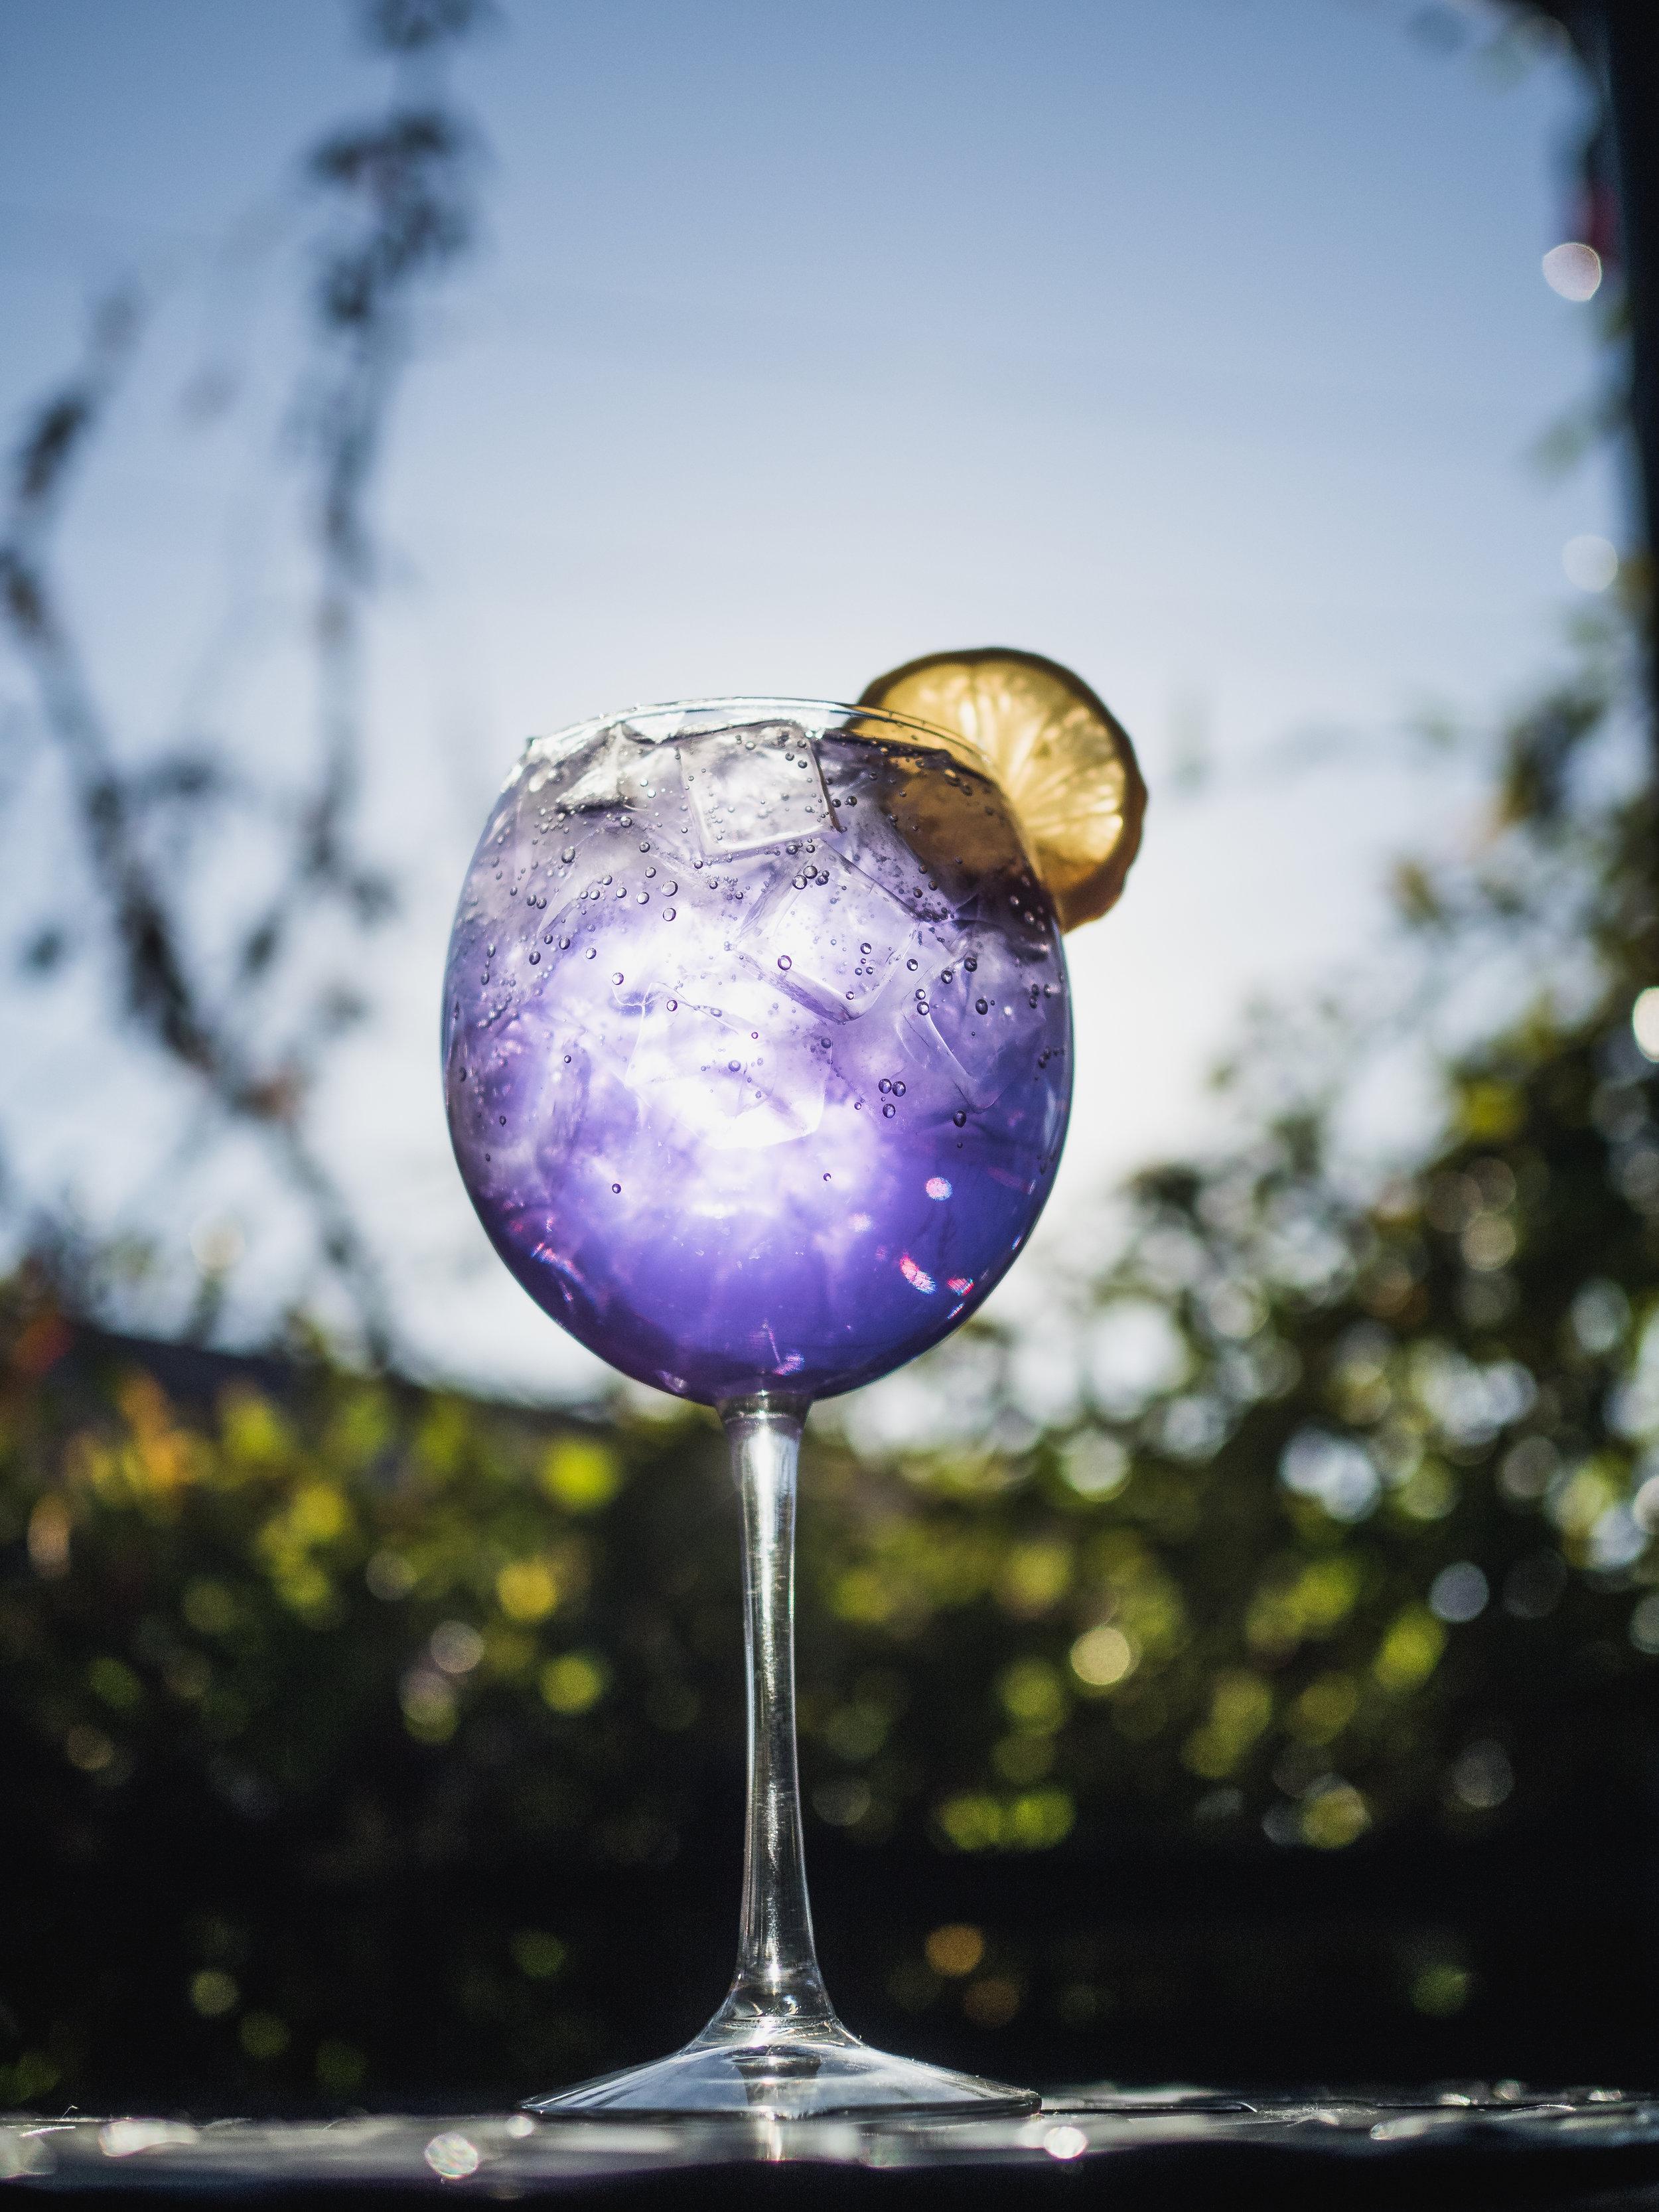 purpledrank1.jpg